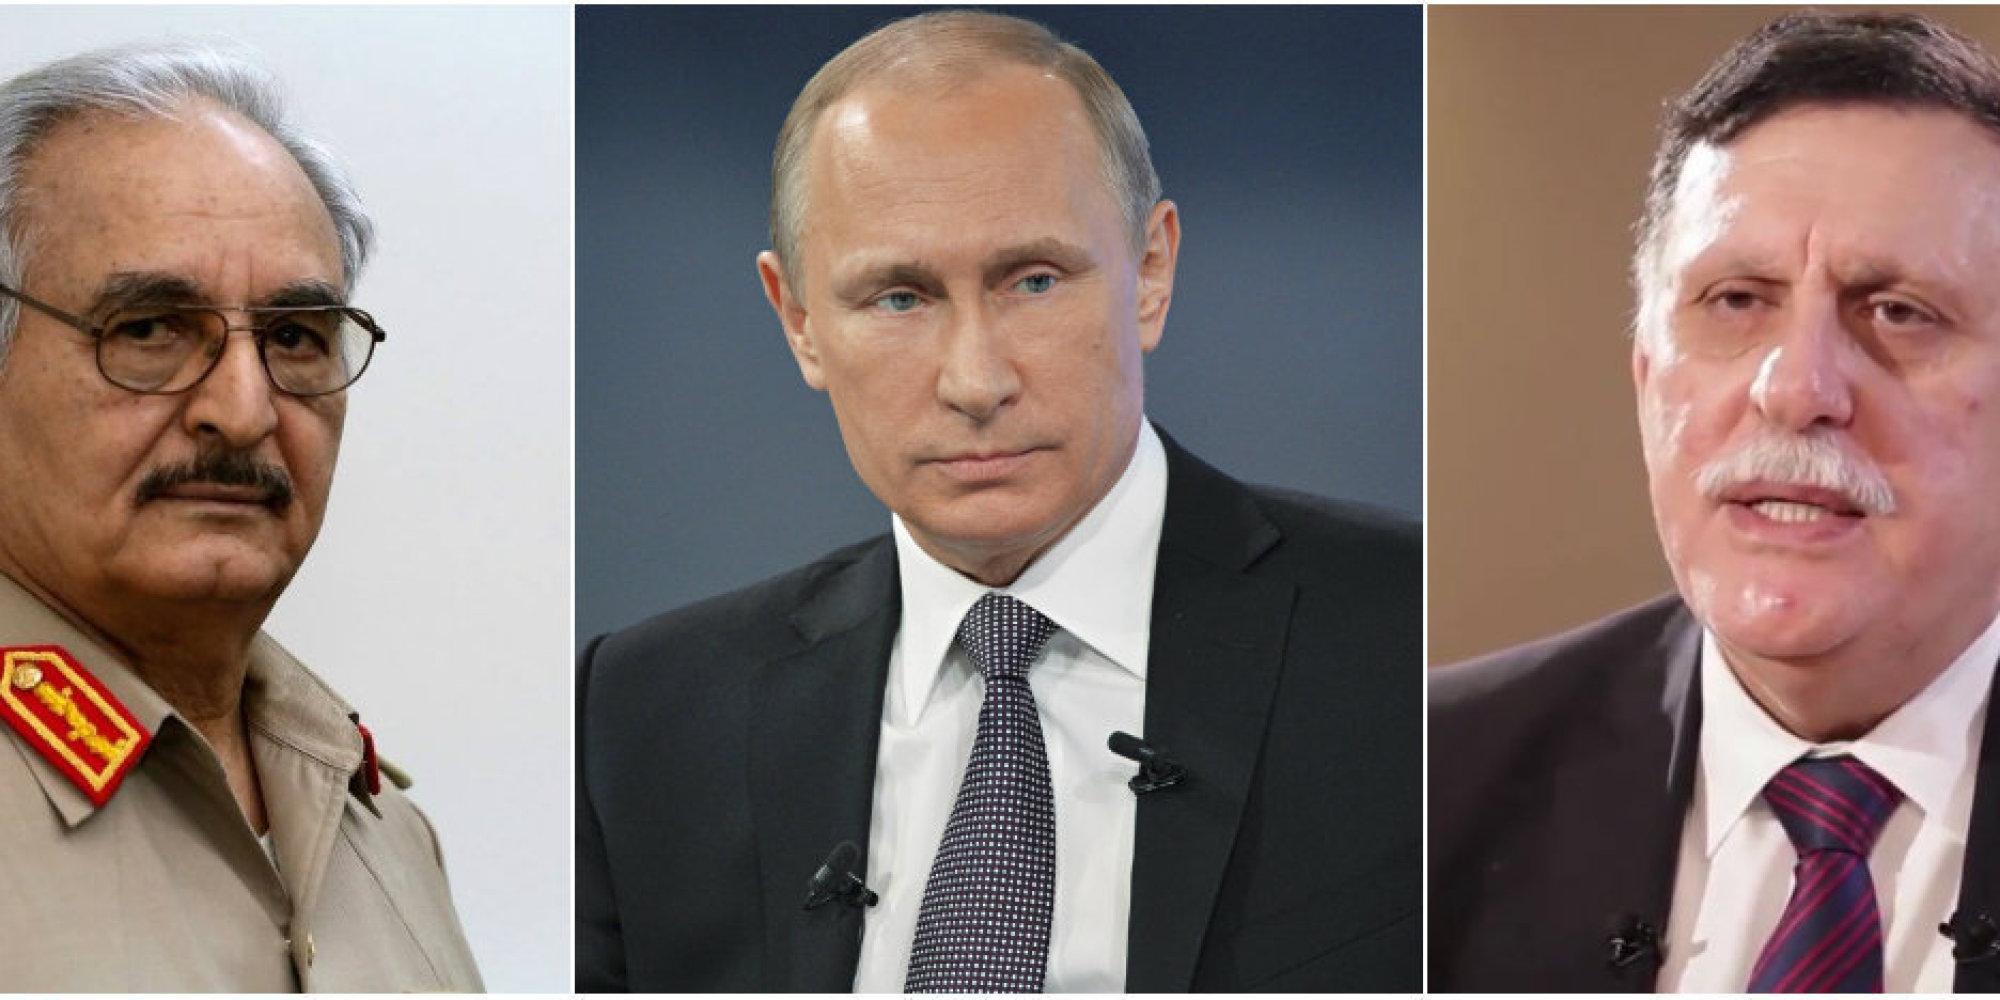 مغامرة بوتين في ليبيا.. الرئيس الروسي يمارس لعبة القوة بين حفتر والسراج.. و3 مكاسب تسعى موسكو لاقتناصها